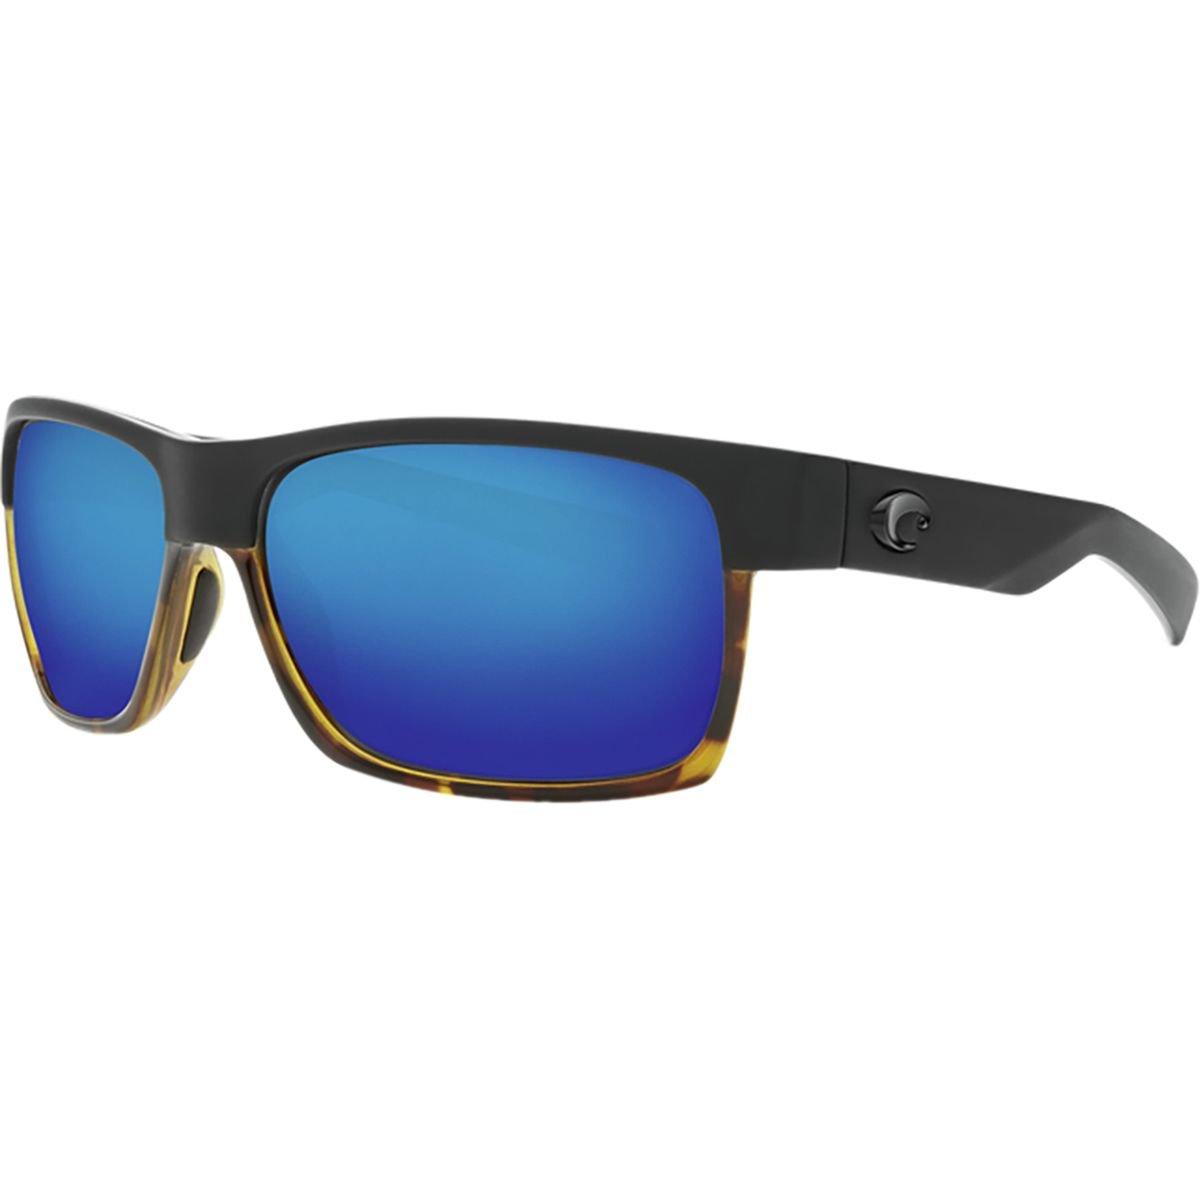 526fe98045e Costa Del Mar Costa Del Mar HFM181OBMGLP Half Moon Blue Mirror 580G Matte  Black Shiny Tortoise Frame Half Moon